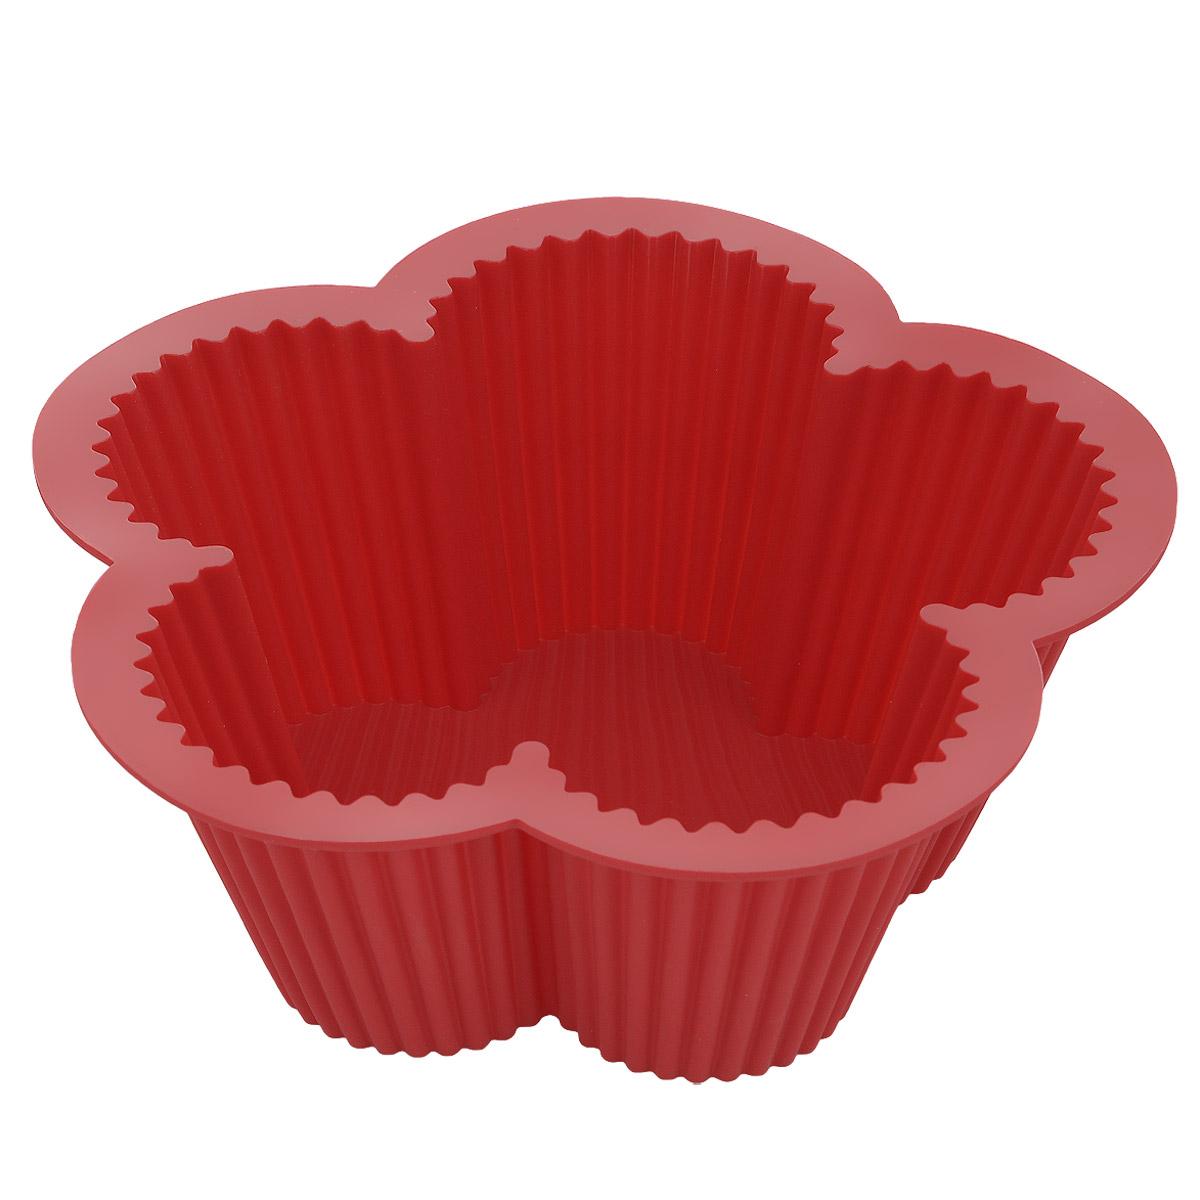 Форма для выпечки Bekker Цветок, силиконовая, цвет: красныйBK-9451Форма для выпечки Bekker Цветок изготовлена из силикона и имеет волнистые края. Силиконовые формы для выпечки имеют много преимуществ по сравнению с традиционными металлическими формами и противнями. Они идеально подходят для использования в микроволновых, газовых и электрических печах при температурах до +250°С. В случае заморозки до -50°С. Можно мыть в посудомоечной машине. За счет высокой теплопроводности силикона изделия выпекаются заметно быстрее. Благодаря гибкости и антиприлипающим свойствам силикона, готовое изделие легко извлекается из формы. Для этого достаточно отогнуть края и вывернуть форму (выпечке дайте немного остыть, а замороженный продукт лучше вынимать сразу). Силикон абсолютно безвреден для здоровья, не впитывает запахи, не оставляет пятен, легко моется. Форма для выпечки Bekker Цветок - практичный и необходимый подарок любой хозяйке!